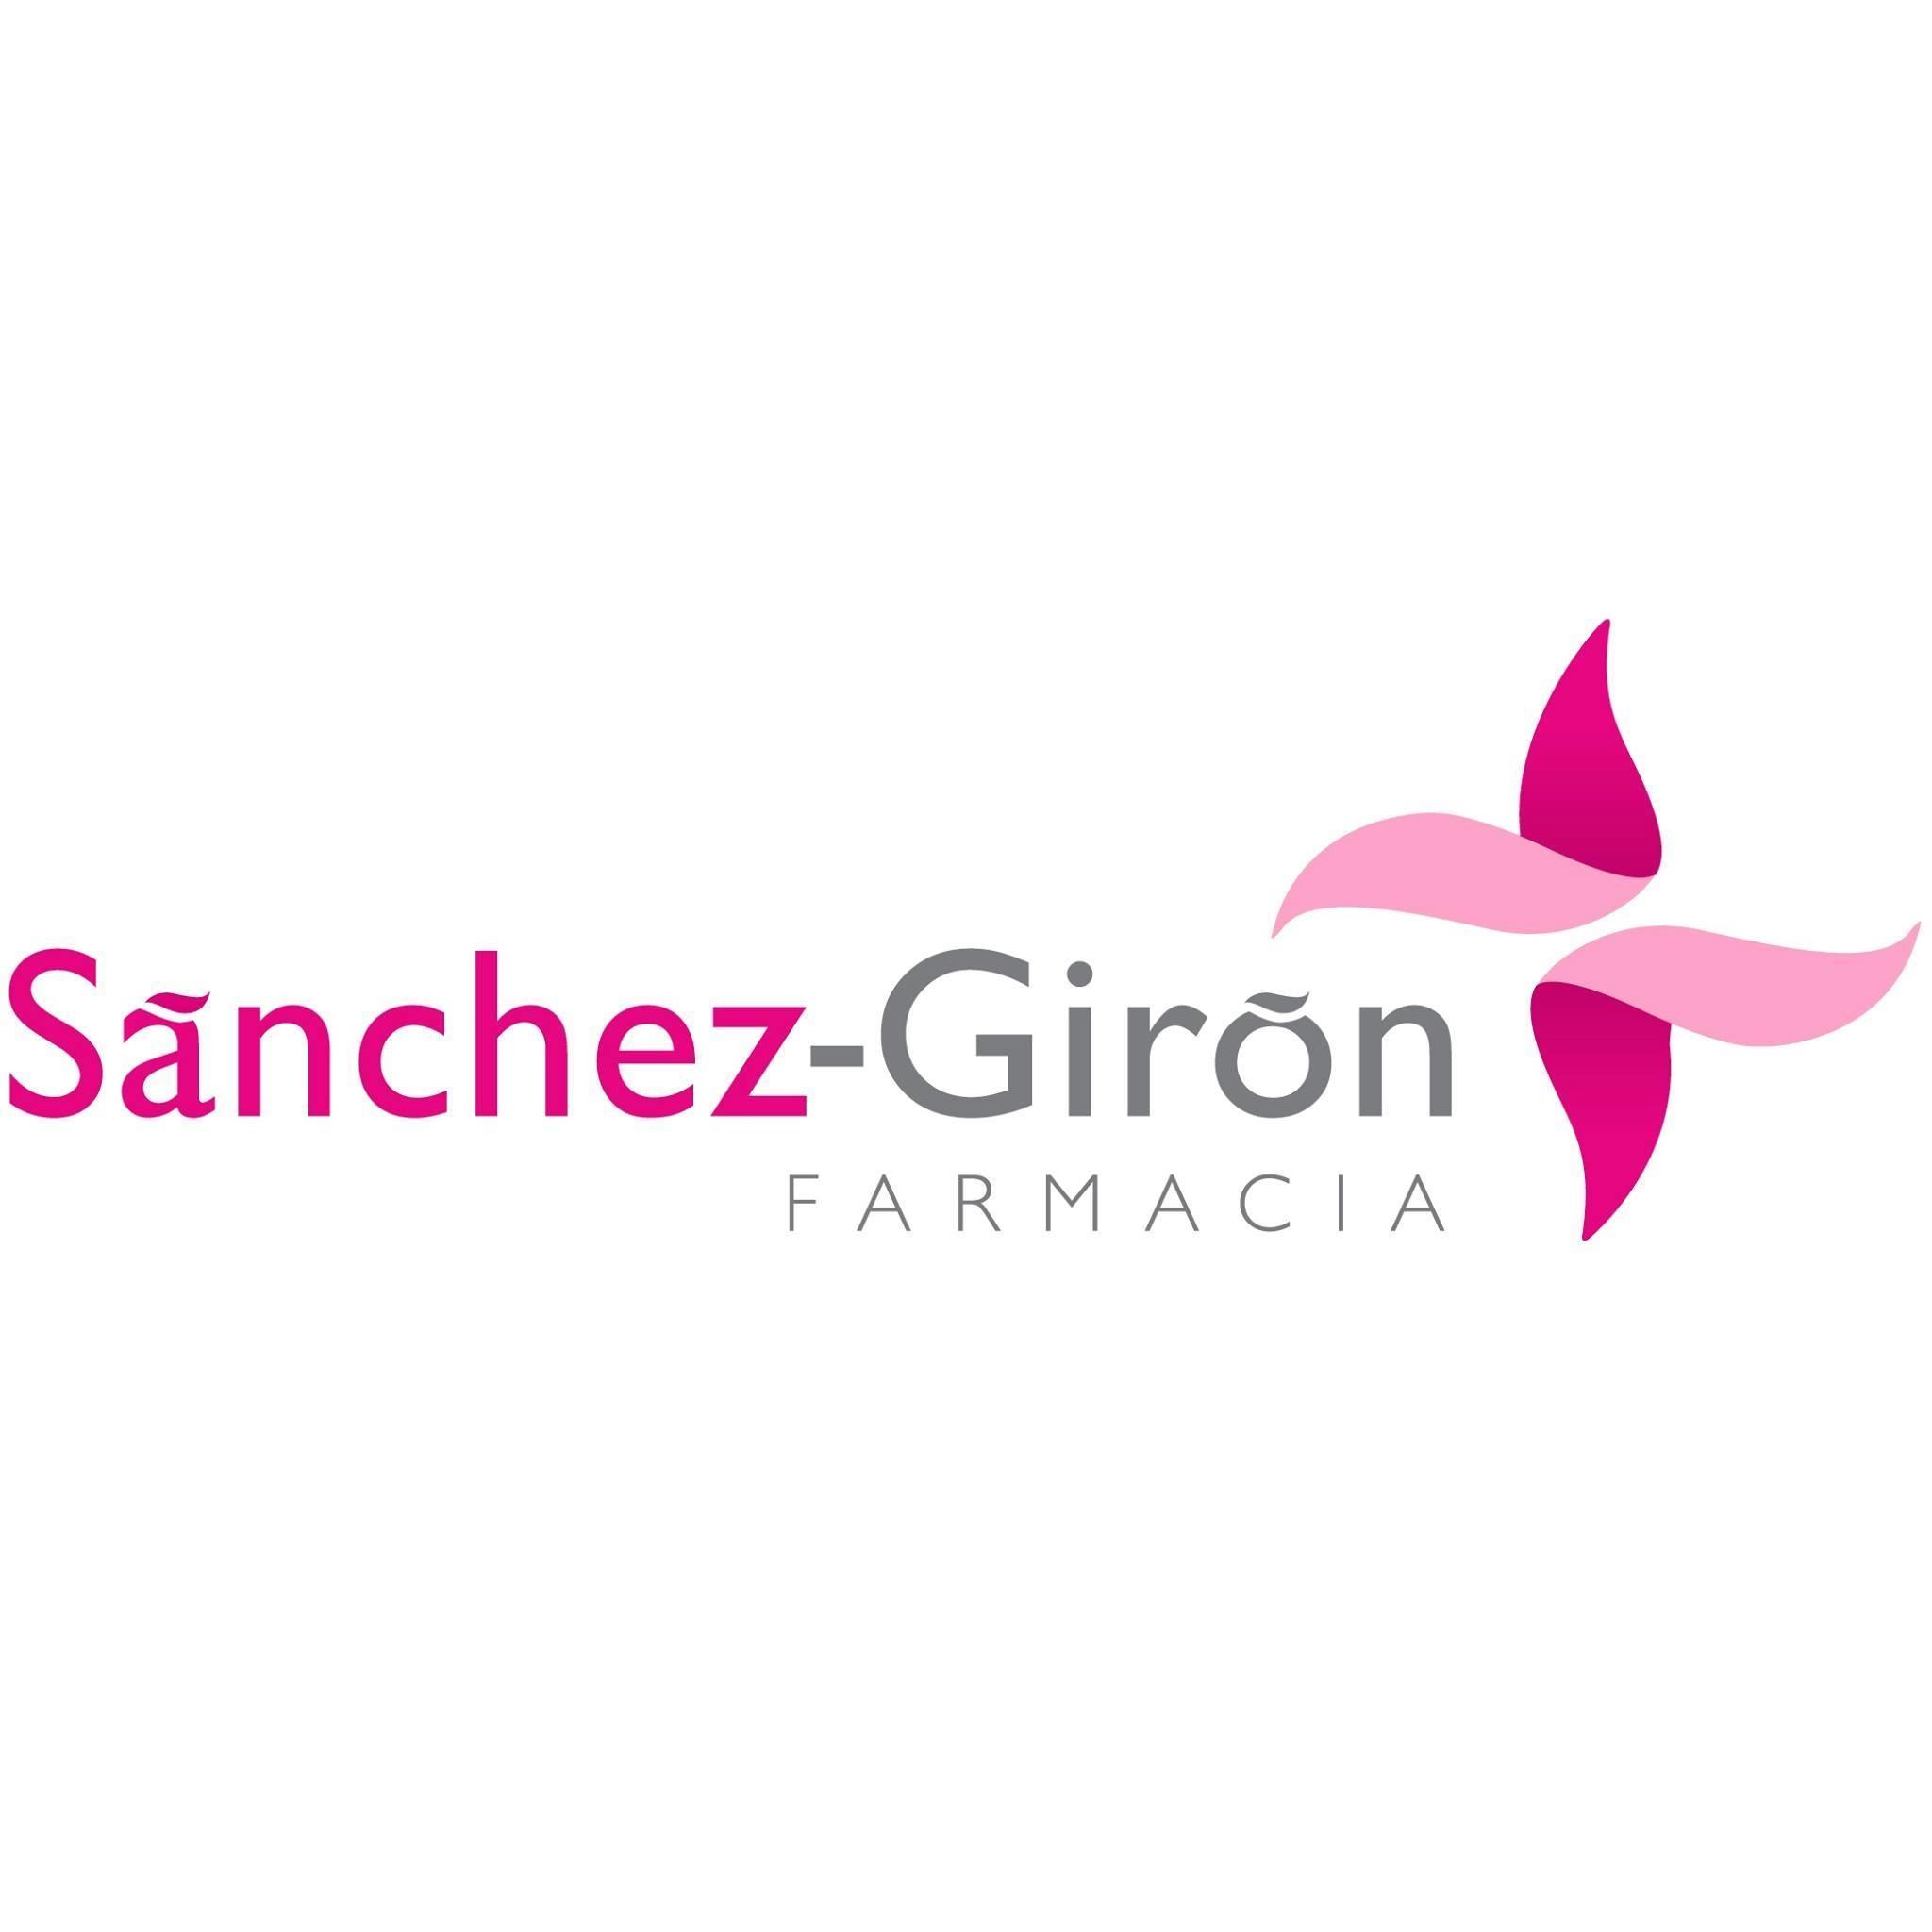 Farmacia Sánchez-Girón